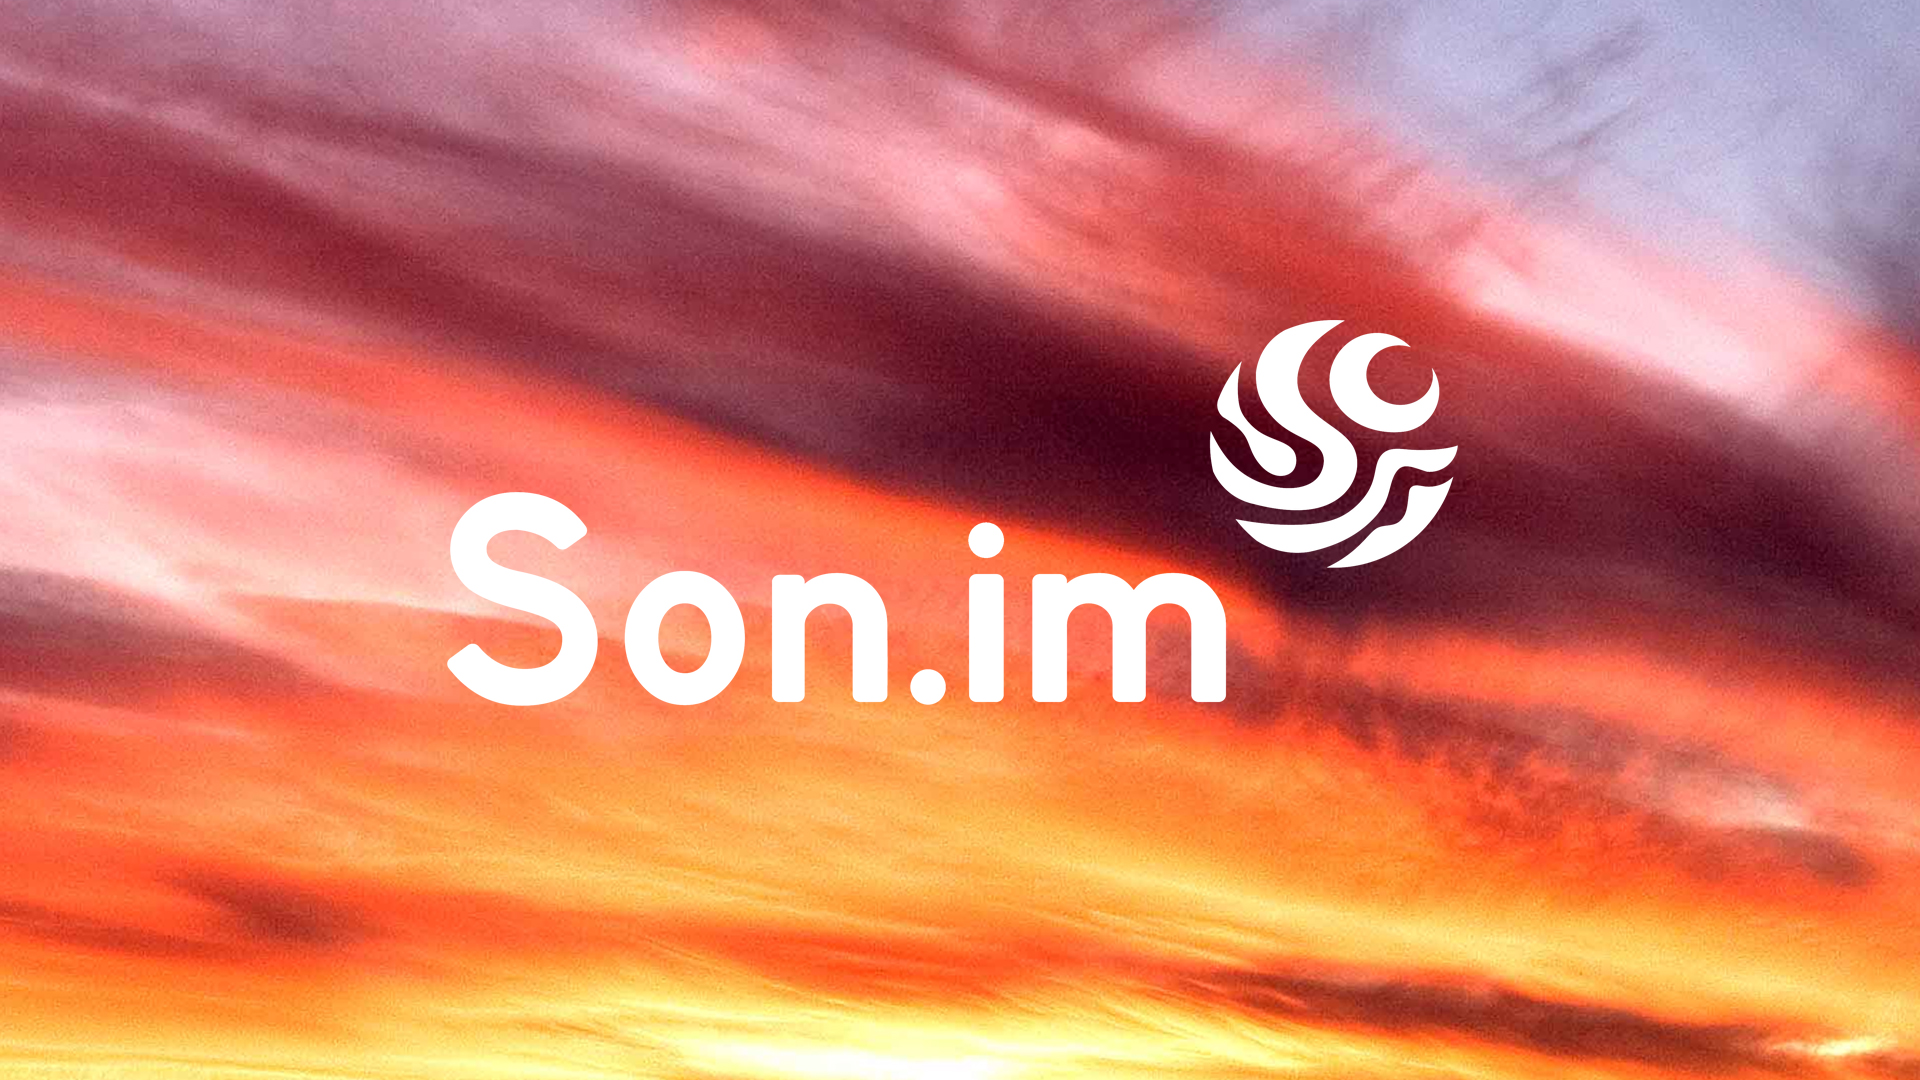 Sonim_logo_BG_skyflame